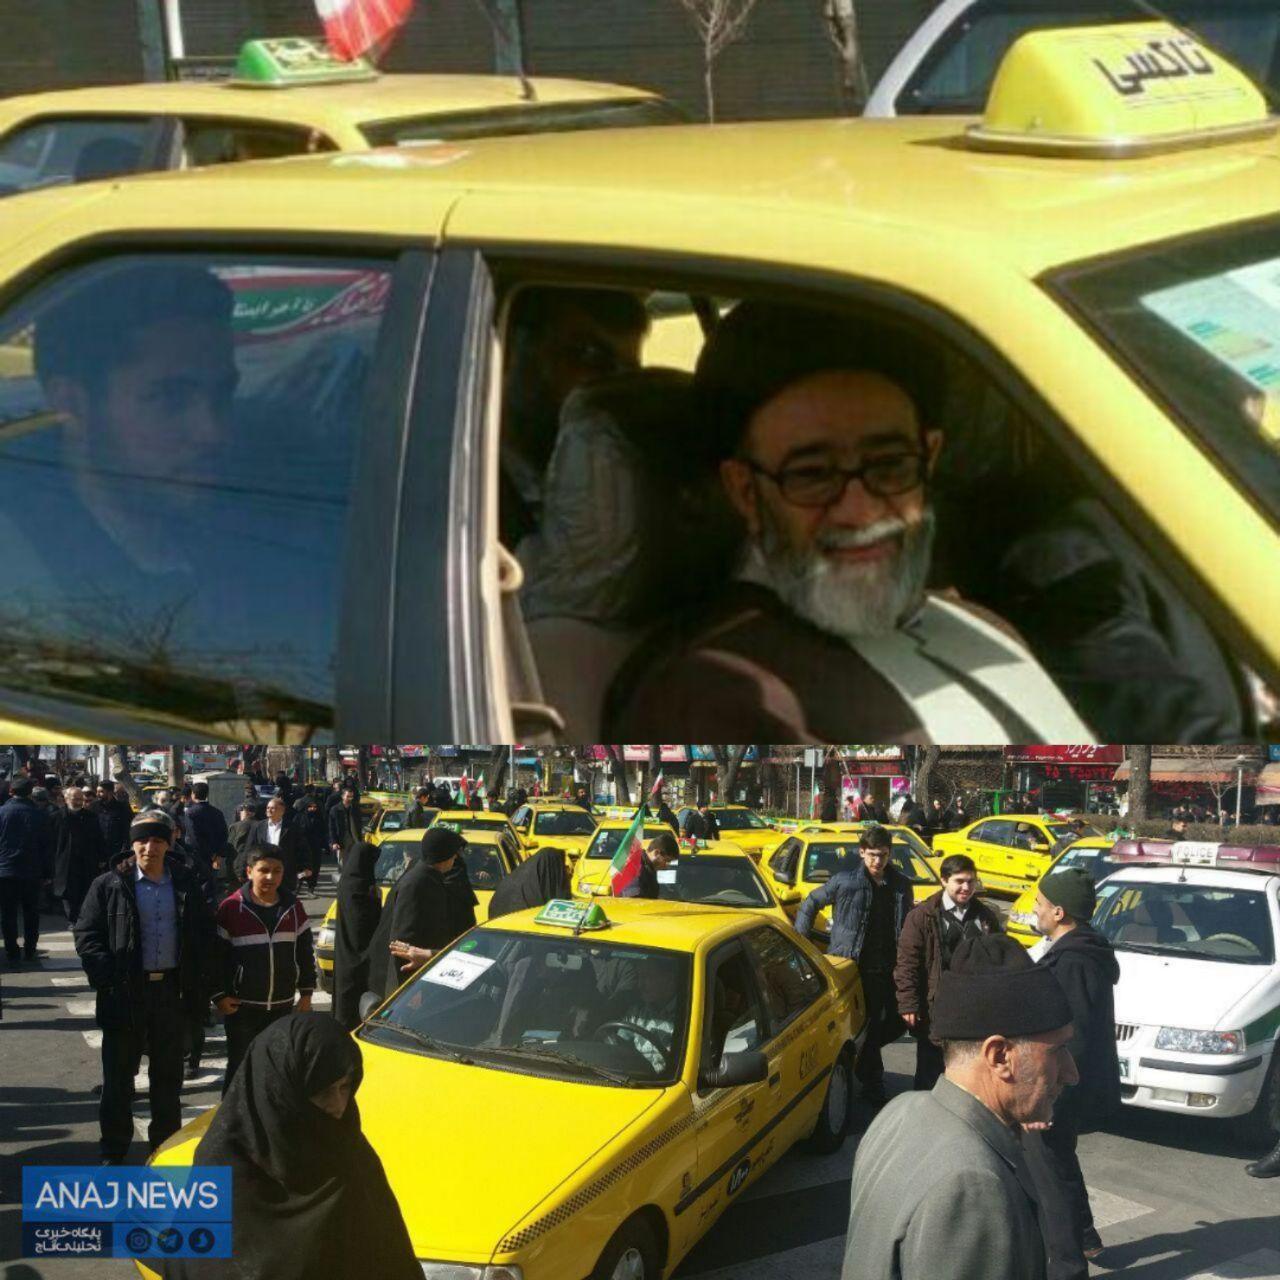 امام جمعهای که بعد از نماز با تاکسی رایگان به منزل بازگشت  (+عکس)